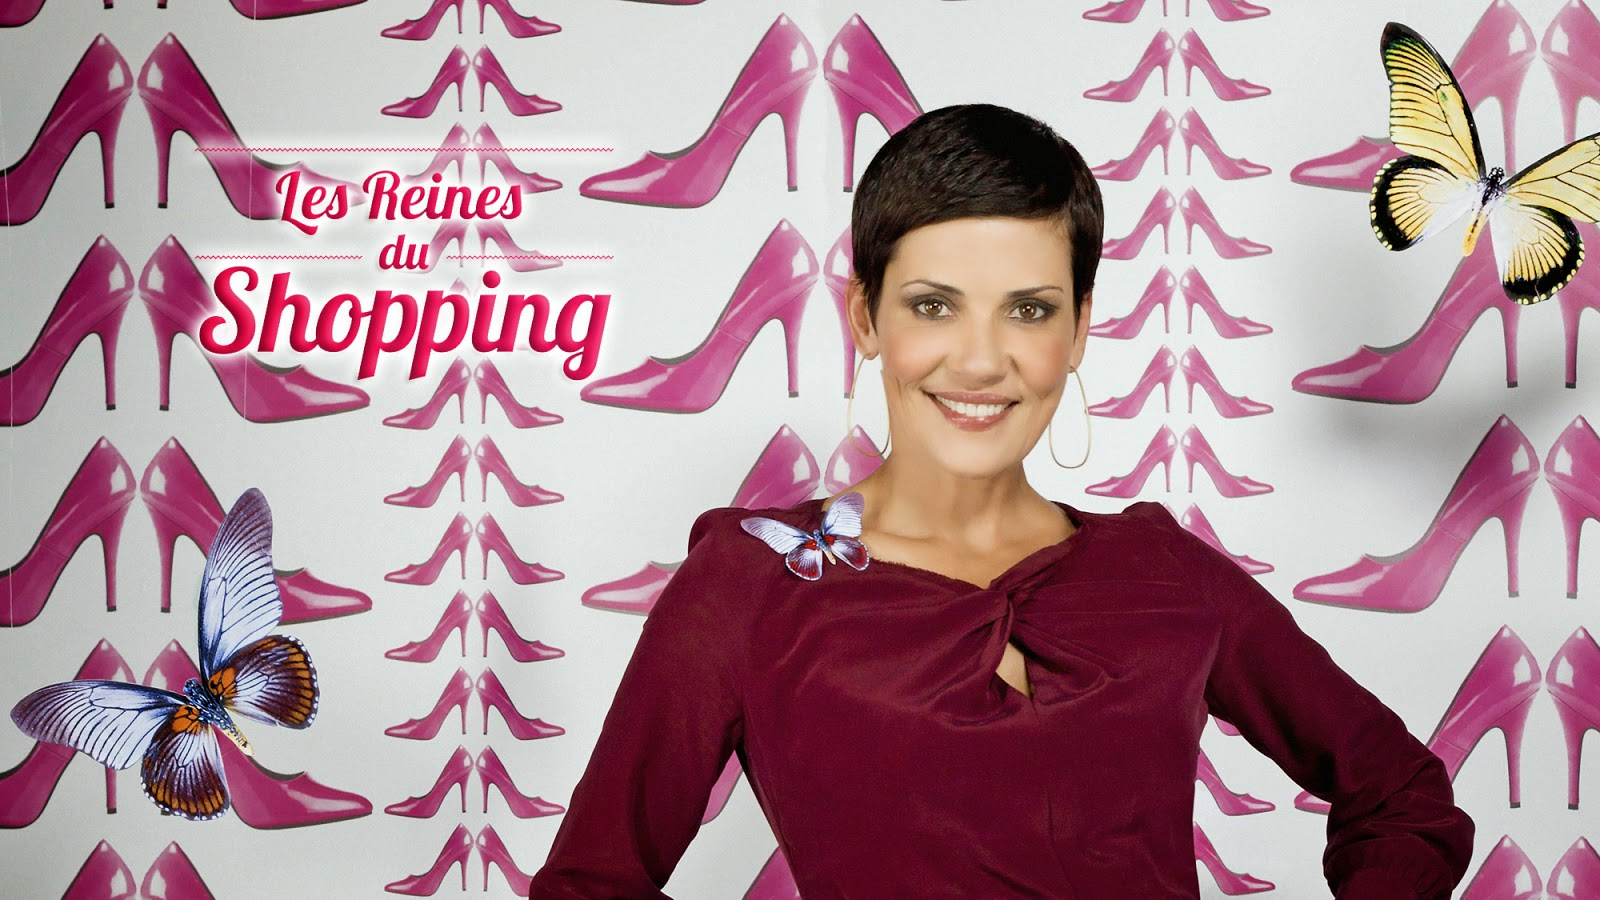 Les reines du shopping une vid o hot d 39 une candidate refait surface - Les reines du shopping forum ...